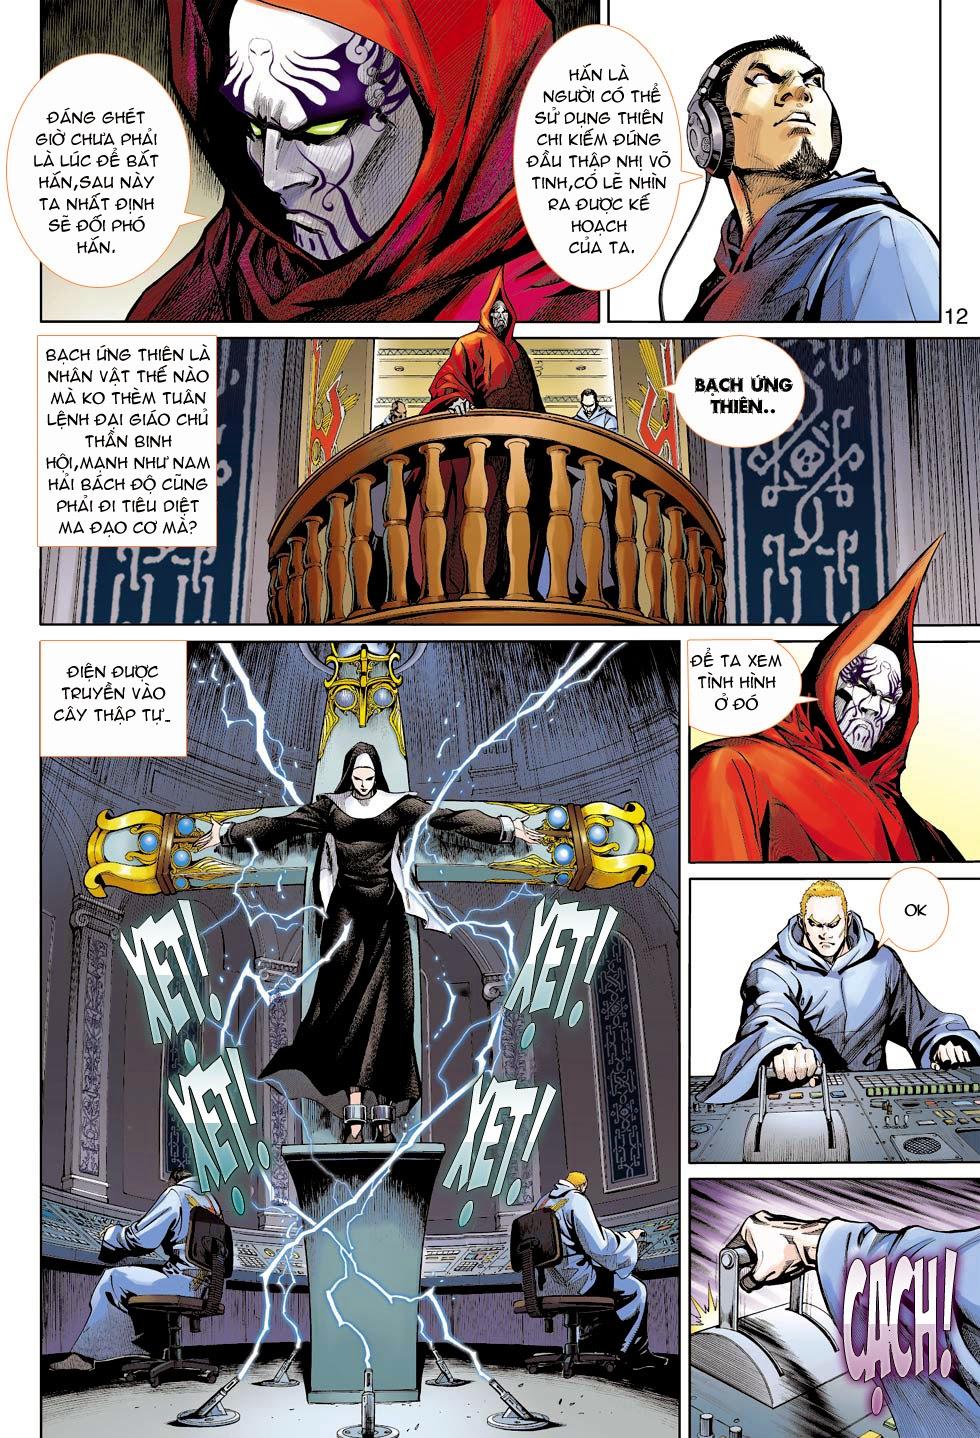 Thần Binh 4 chap 26 - Trang 13